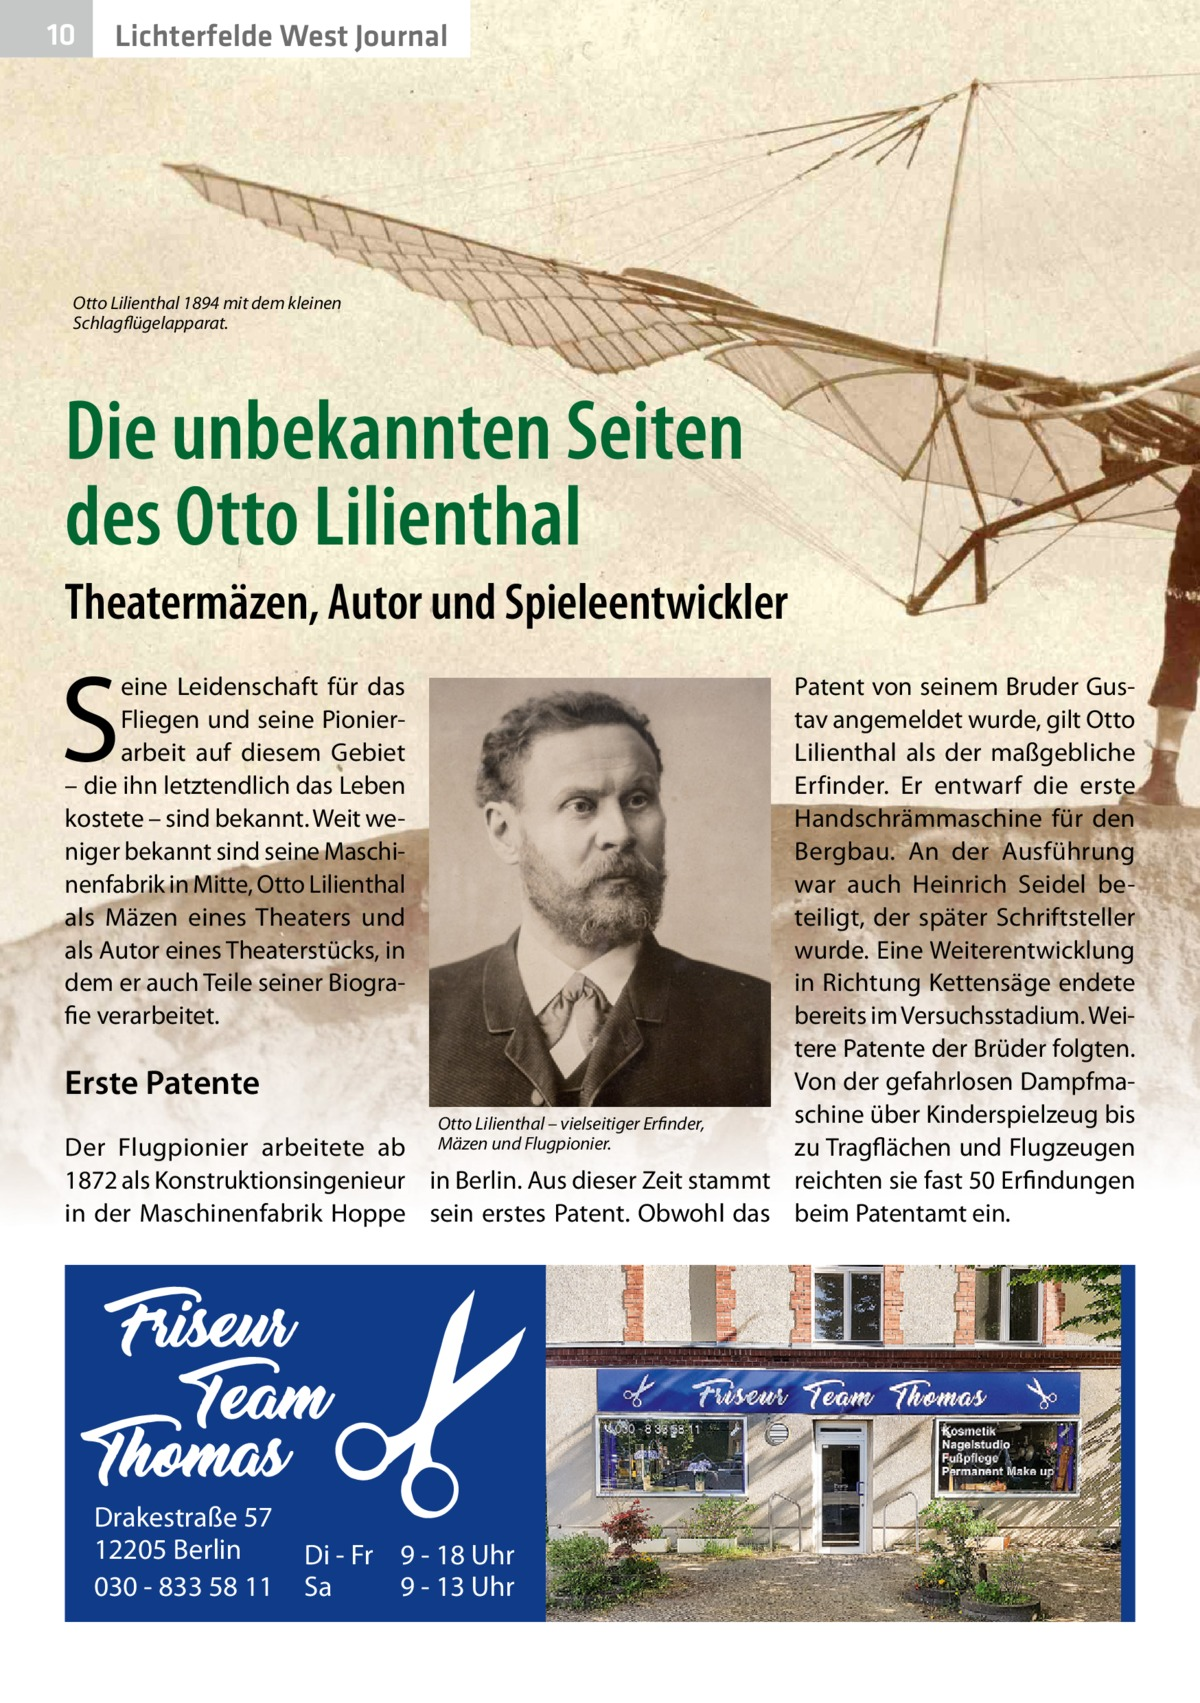 10  Lichterfelde West Journal  Otto Lilienthal 1894 mit dem kleinen Schlagflügelapparat.  Die unbekannten Seiten des Otto Lilienthal Theatermäzen, Autor und Spieleentwickler  S  eine Leidenschaft für das Fliegen und seine Pionierarbeit auf diesem Gebiet – die ihn letztendlich das Leben kostete – sind bekannt. Weit weniger bekannt sind seine Maschinenfabrik in Mitte, Otto Lilienthal als Mäzen eines Theaters und als Autor eines Theaterstücks, in dem er auch Teile seiner Biografie verarbeitet.  Patent von seinem Bruder Gustav angemeldet wurde, gilt Otto Lilienthal als der maßgebliche Erfinder. Er entwarf die erste Handschrämmaschine für den Bergbau. An der Ausführung war auch Heinrich Seidel beteiligt, der später Schriftsteller wurde. Eine Weiterentwicklung in Richtung Kettensäge endete bereits im Versuchsstadium. Weitere Patente der Brüder folgten. Von der gefahrlosen DampfmaErste Patente schine über Kinderspielzeug bis Otto Lilienthal – vielseitiger Erfinder, Der Flugpionier arbeitete ab Mäzen und Flugpionier. zu Tragflächen und Flugzeugen 1872 als Konstruktionsingenieur in Berlin. Aus dieser Zeit stammt reichten sie fast 50Erfindungen in der Maschinenfabrik Hoppe sein erstes Patent. Obwohl das beim Patentamt ein.  Drakestraße 57 12205 Berlin 030 - 833 58 11  Di - Fr 9 - 18 Uhr Sa 9 - 13 Uhr